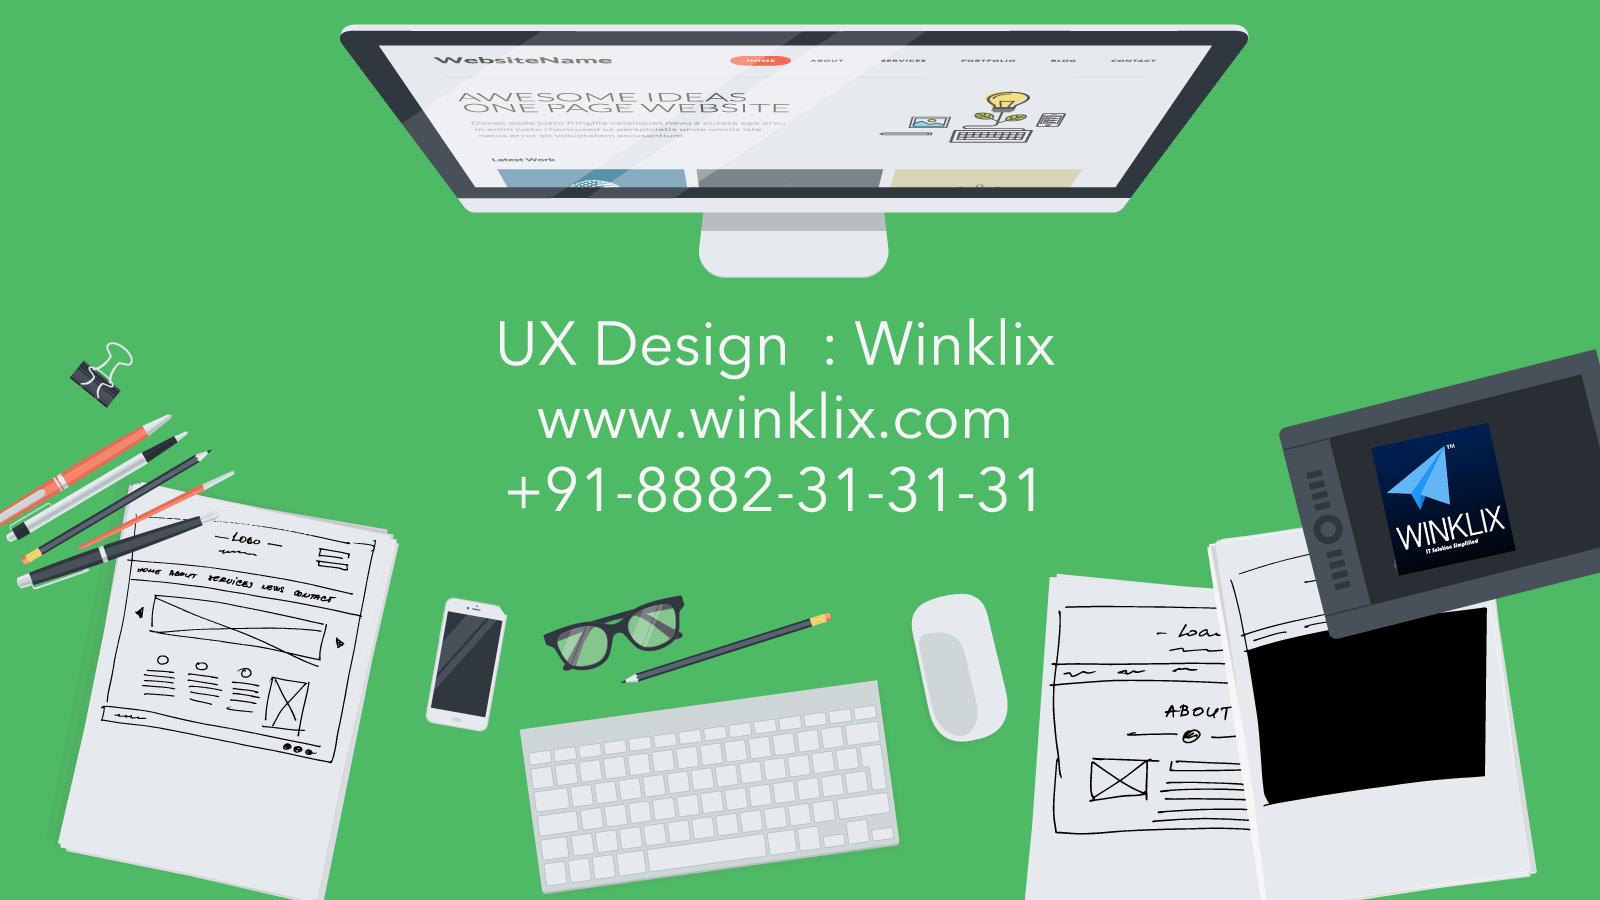 ux designer winklix delhi